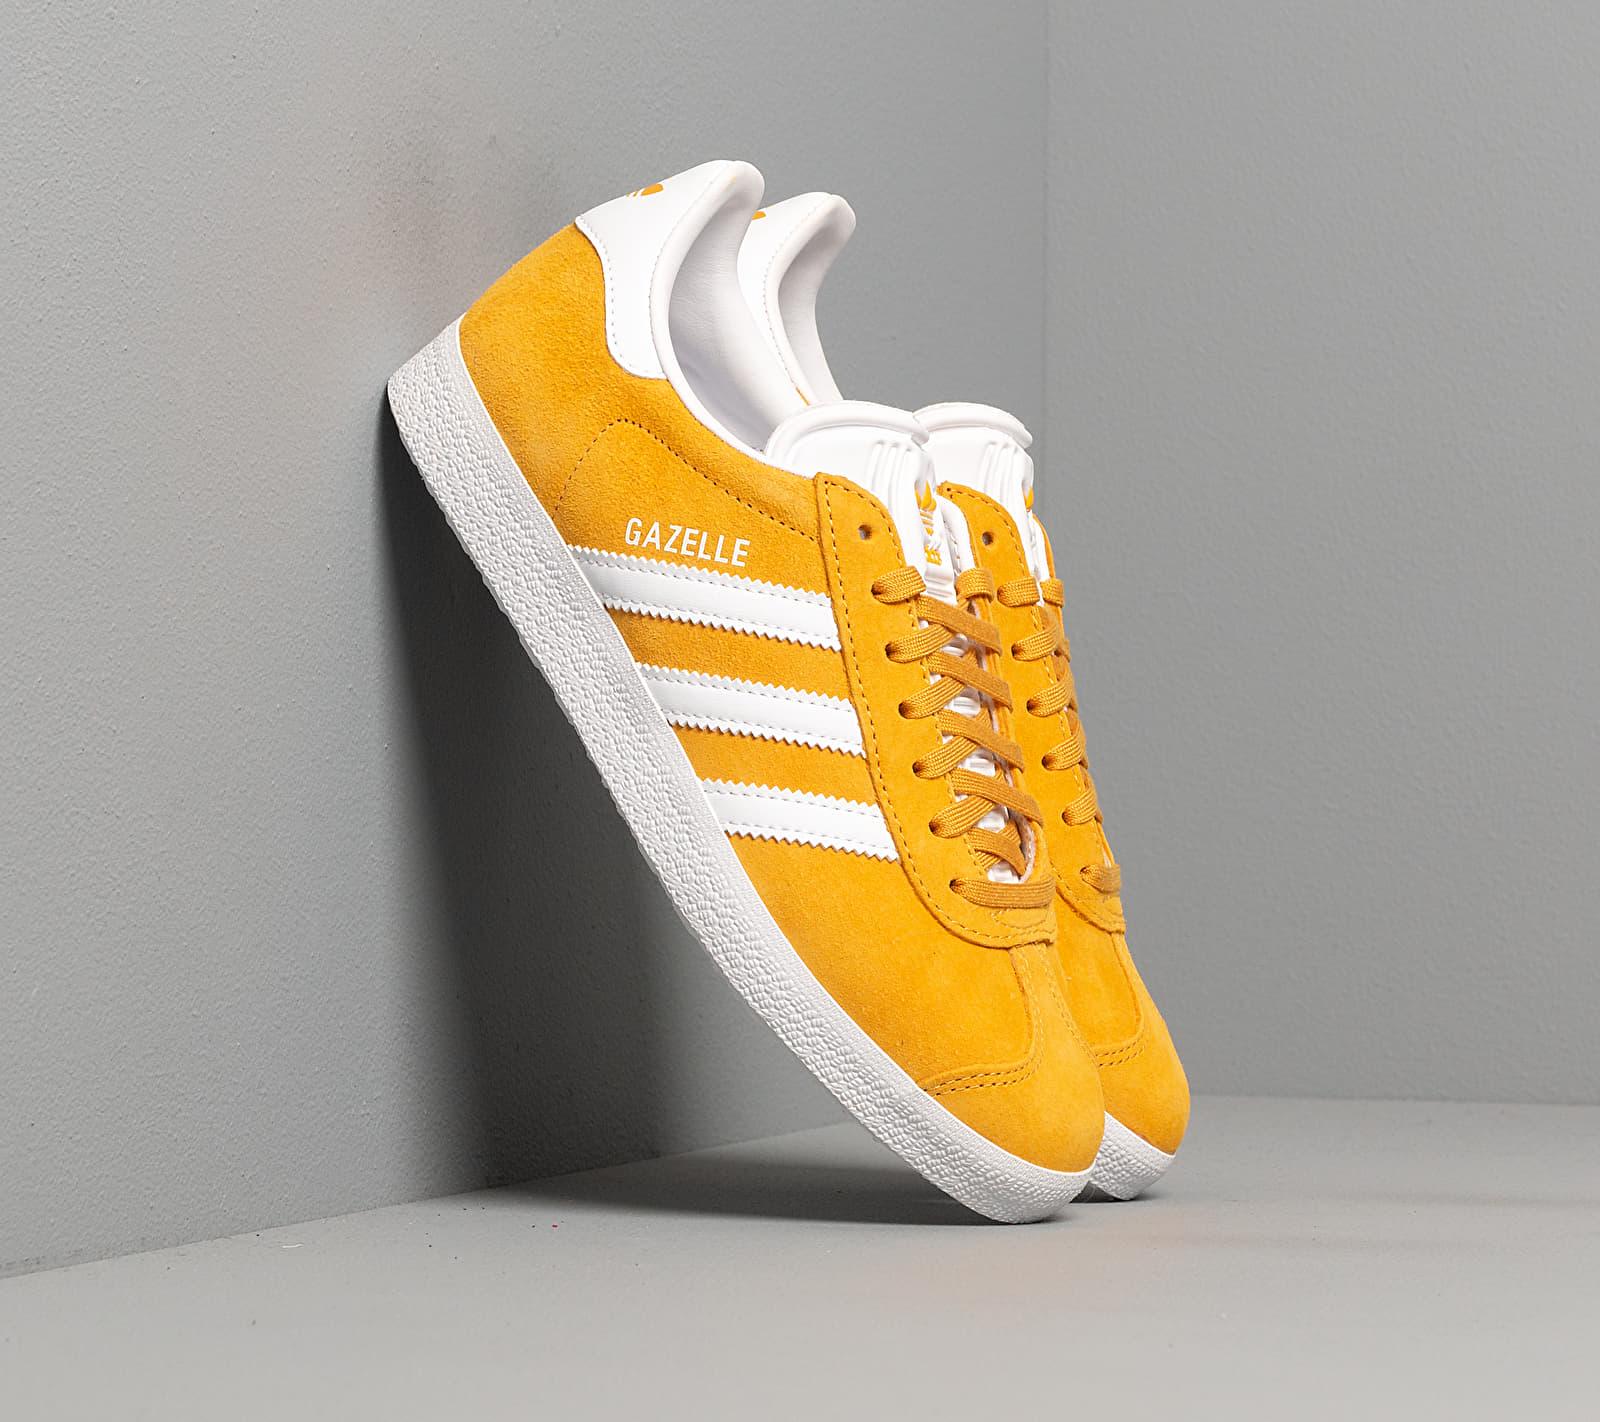 adidas Gazelle Active Gold/ Ftw White/ Ftw White EUR 36 2/3